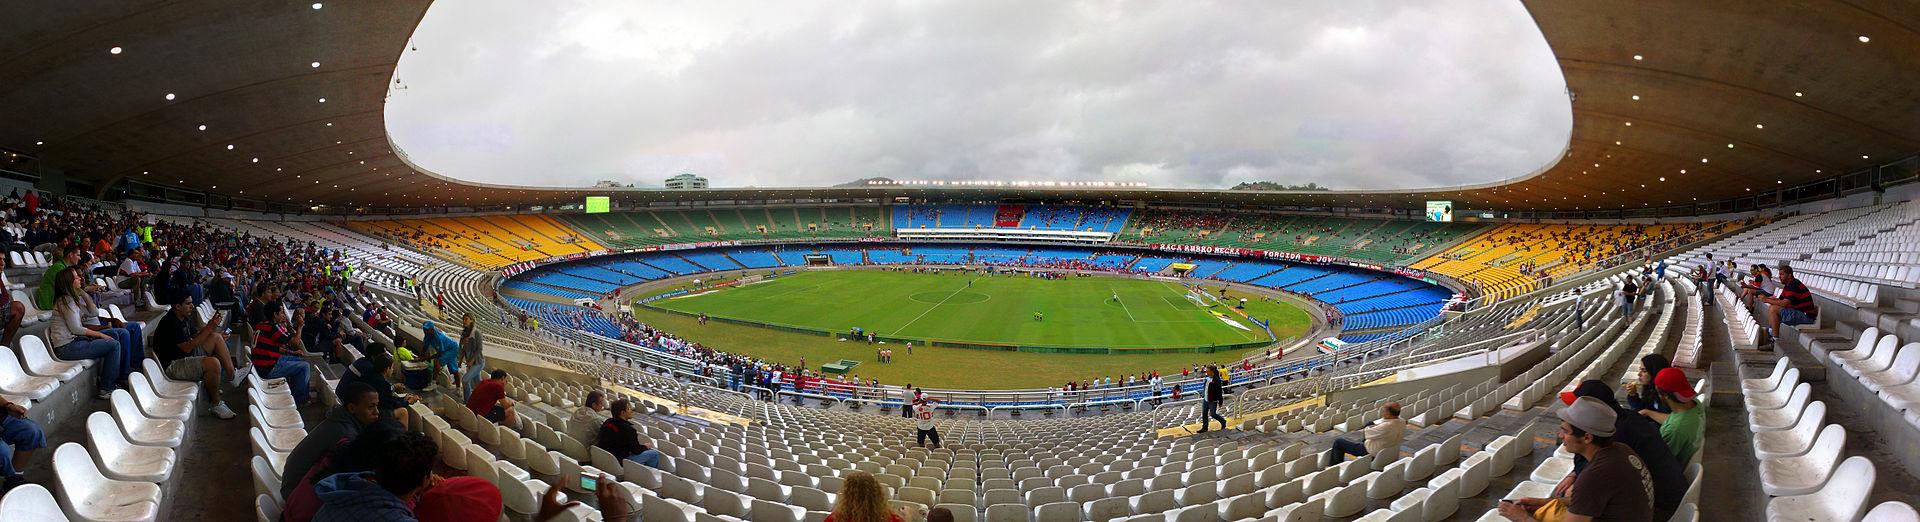 Estádio_do_Maracanã_-_panorama